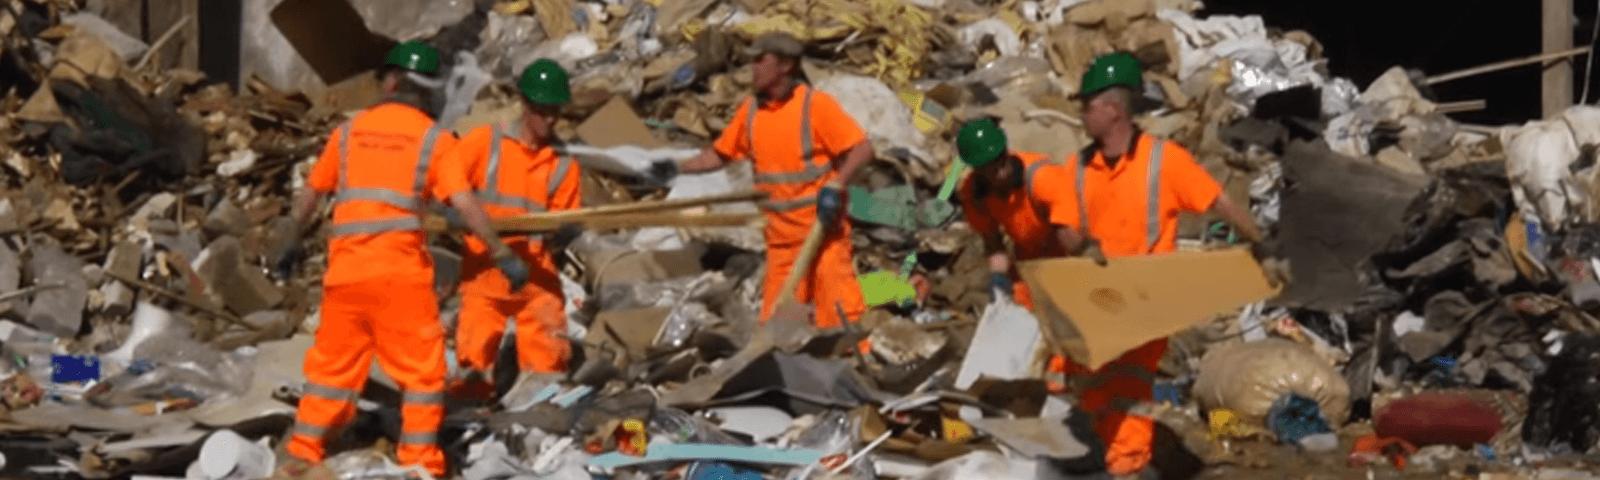 dudley-waste-skip